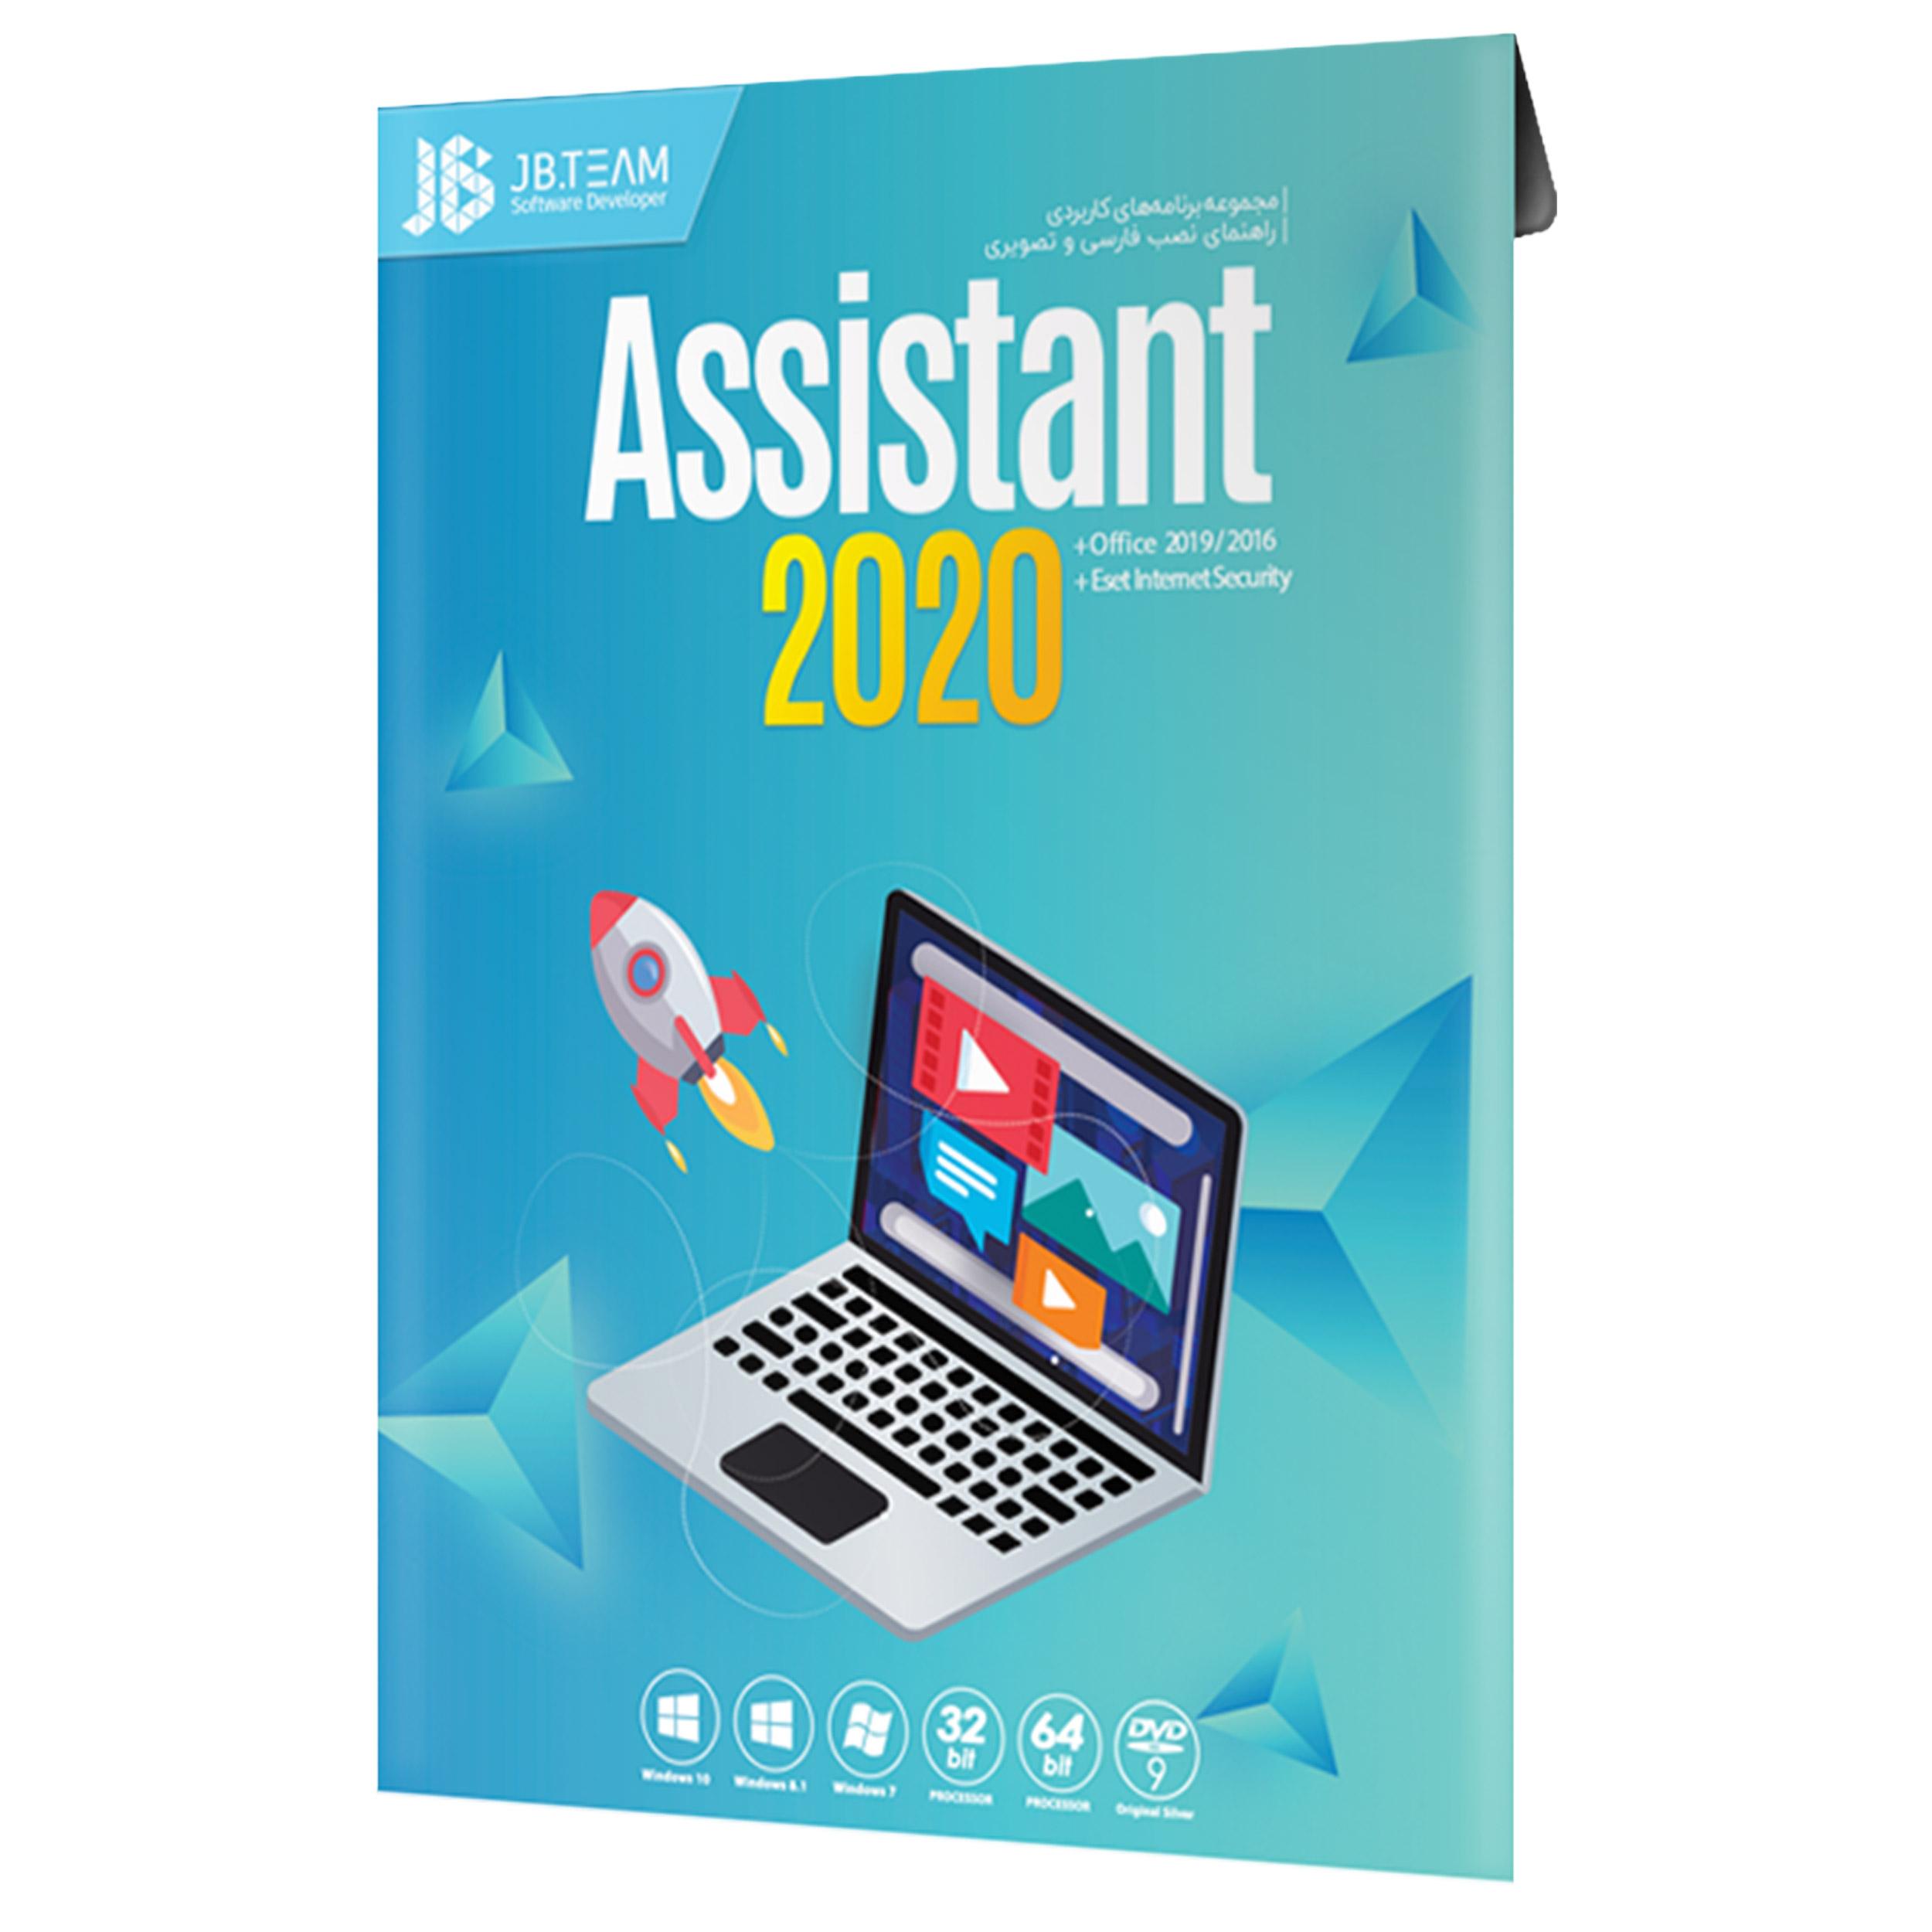 مجموعه نرم افزار Assistant 2020 نشر جی بی تیم main 1 1